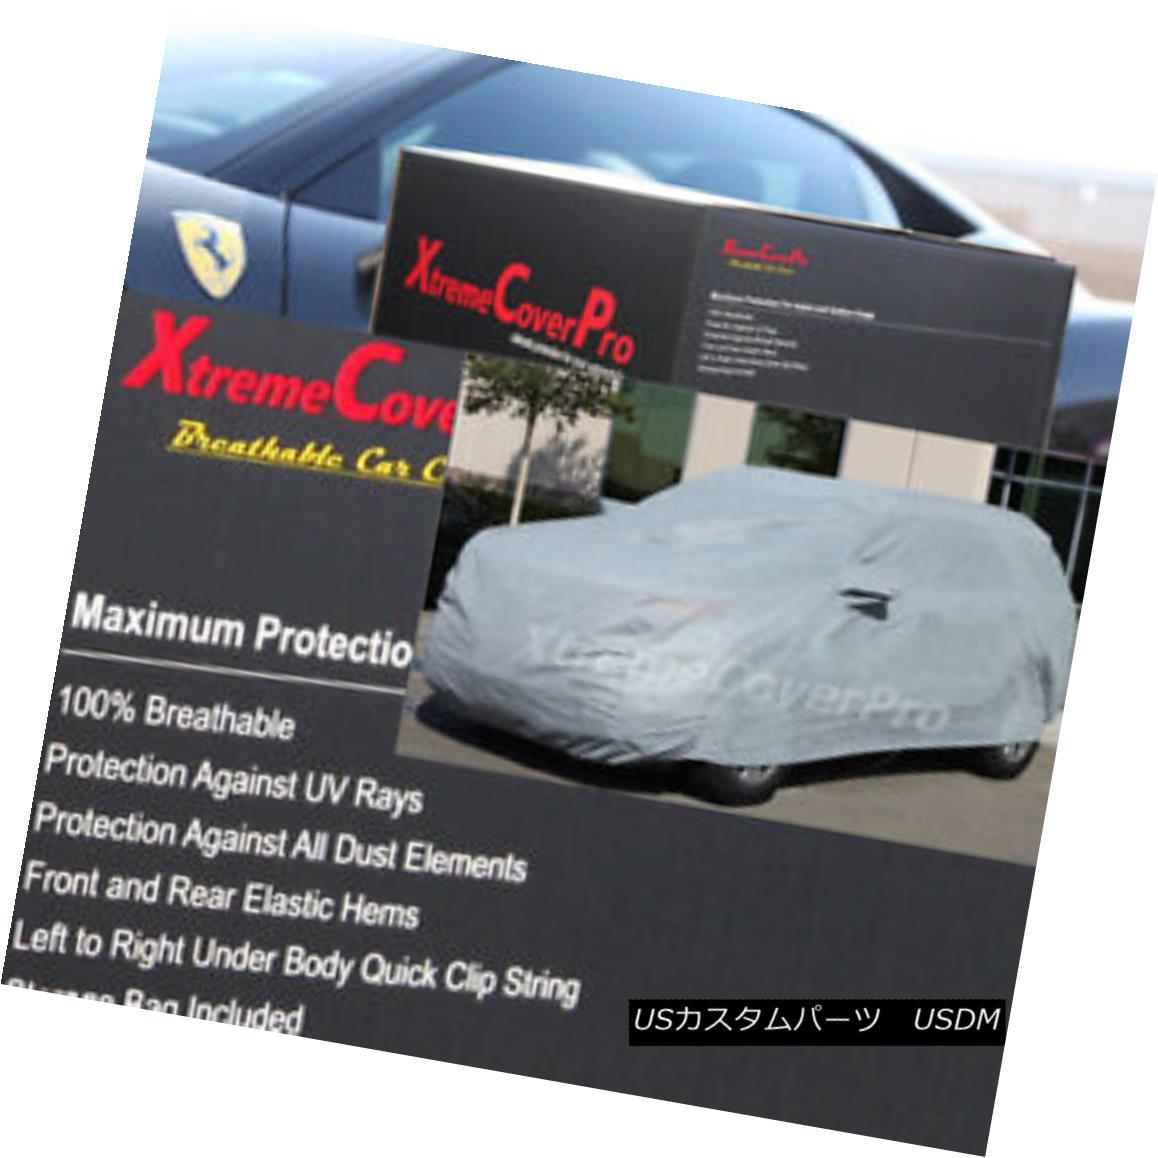 カーカバー 2014 Acura ZDX Breathable Car Cover w/ Mirror Pocket 2014年のAcura ZDX通気性のある車カバー(ミラーポケット付)